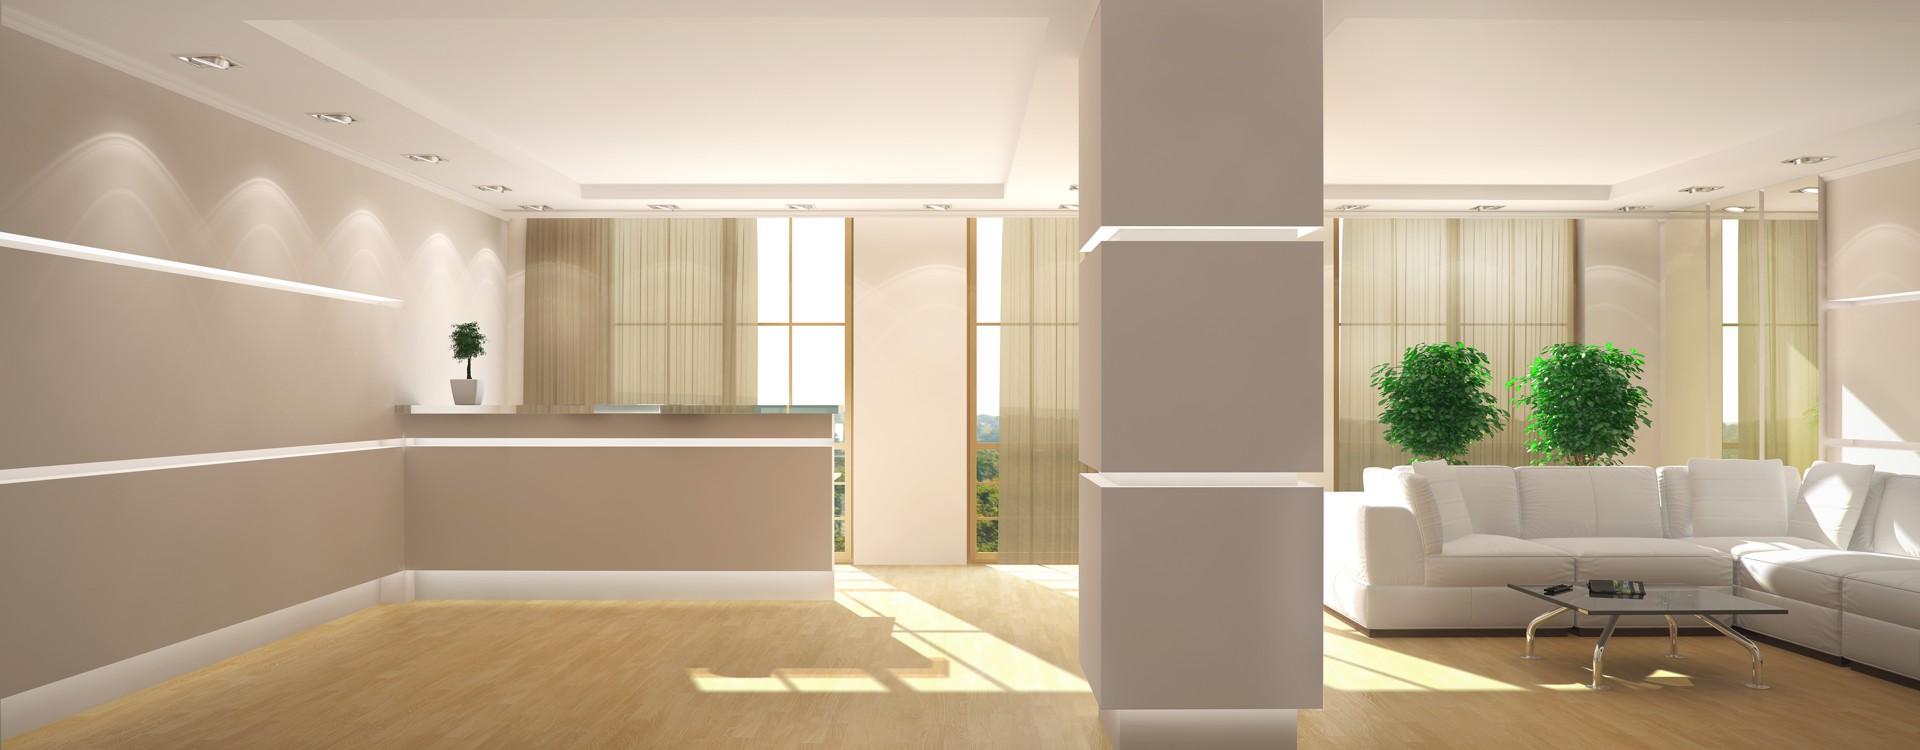 Stavby rodinných domů, rekonstrukce interiérů domů a bytů